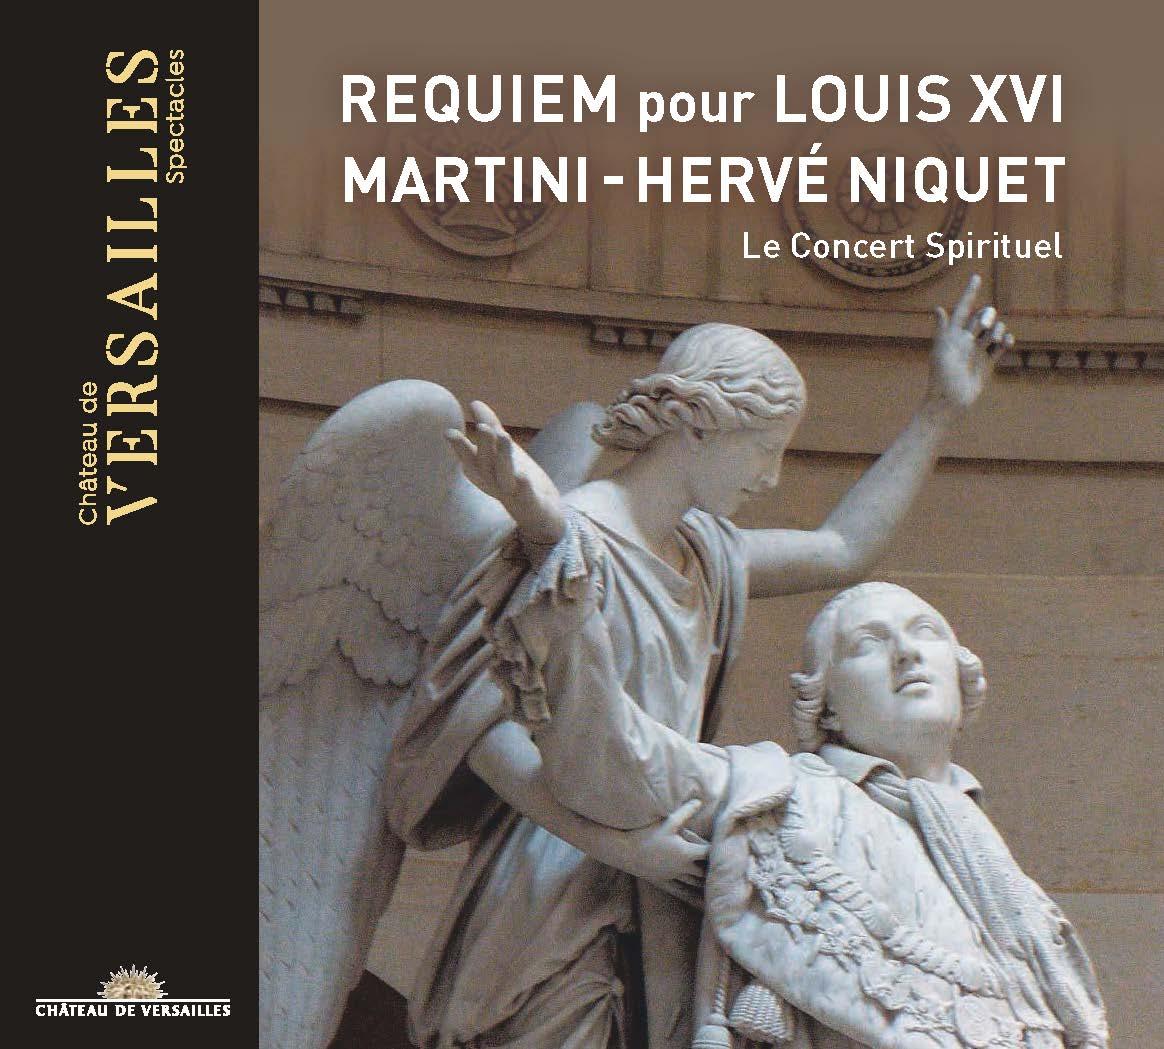 Requiem pour Louis XVI de Martini